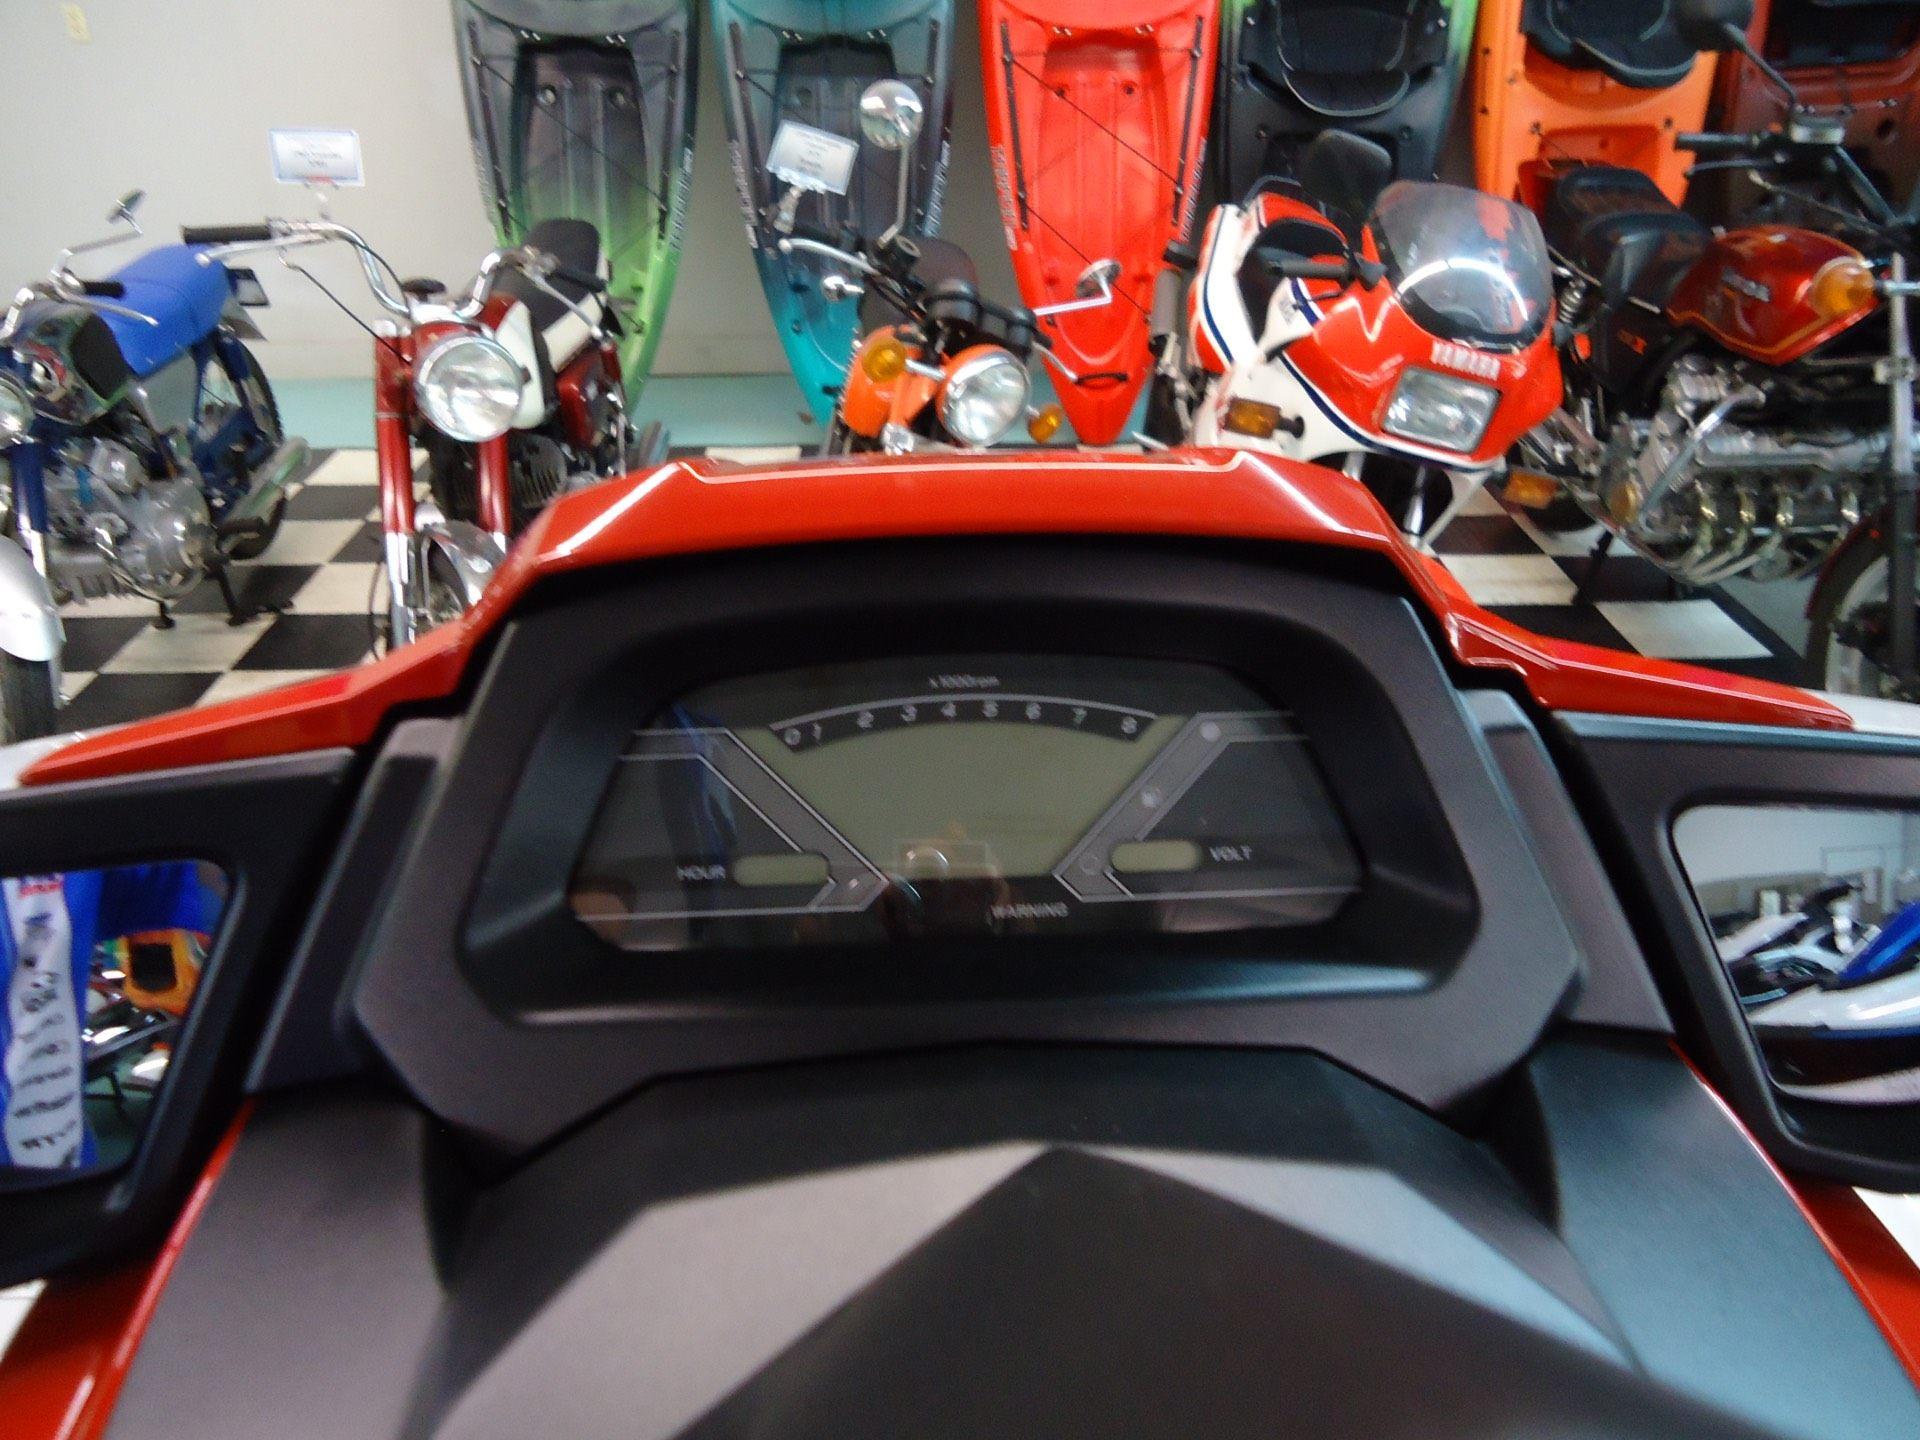 2017 Yamaha VX 6